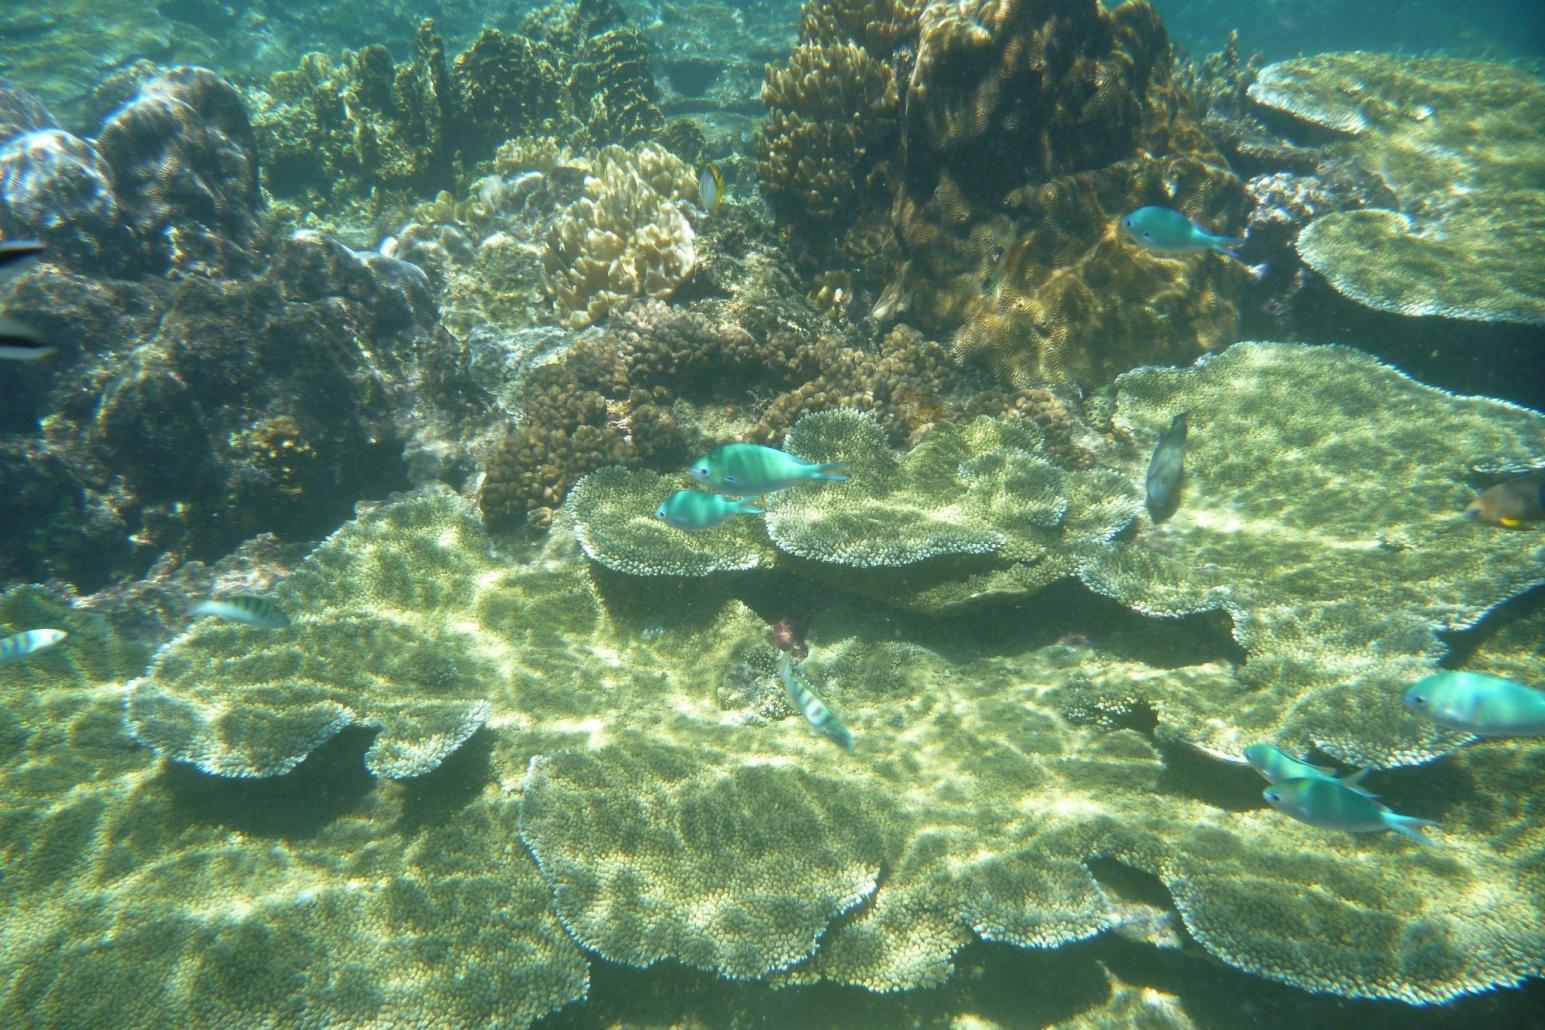 Interview mit Prof. Dr. Christian Wild zum Internationalen Korallenriff Symposium und der globalen Gefährdung der Korallenriffe